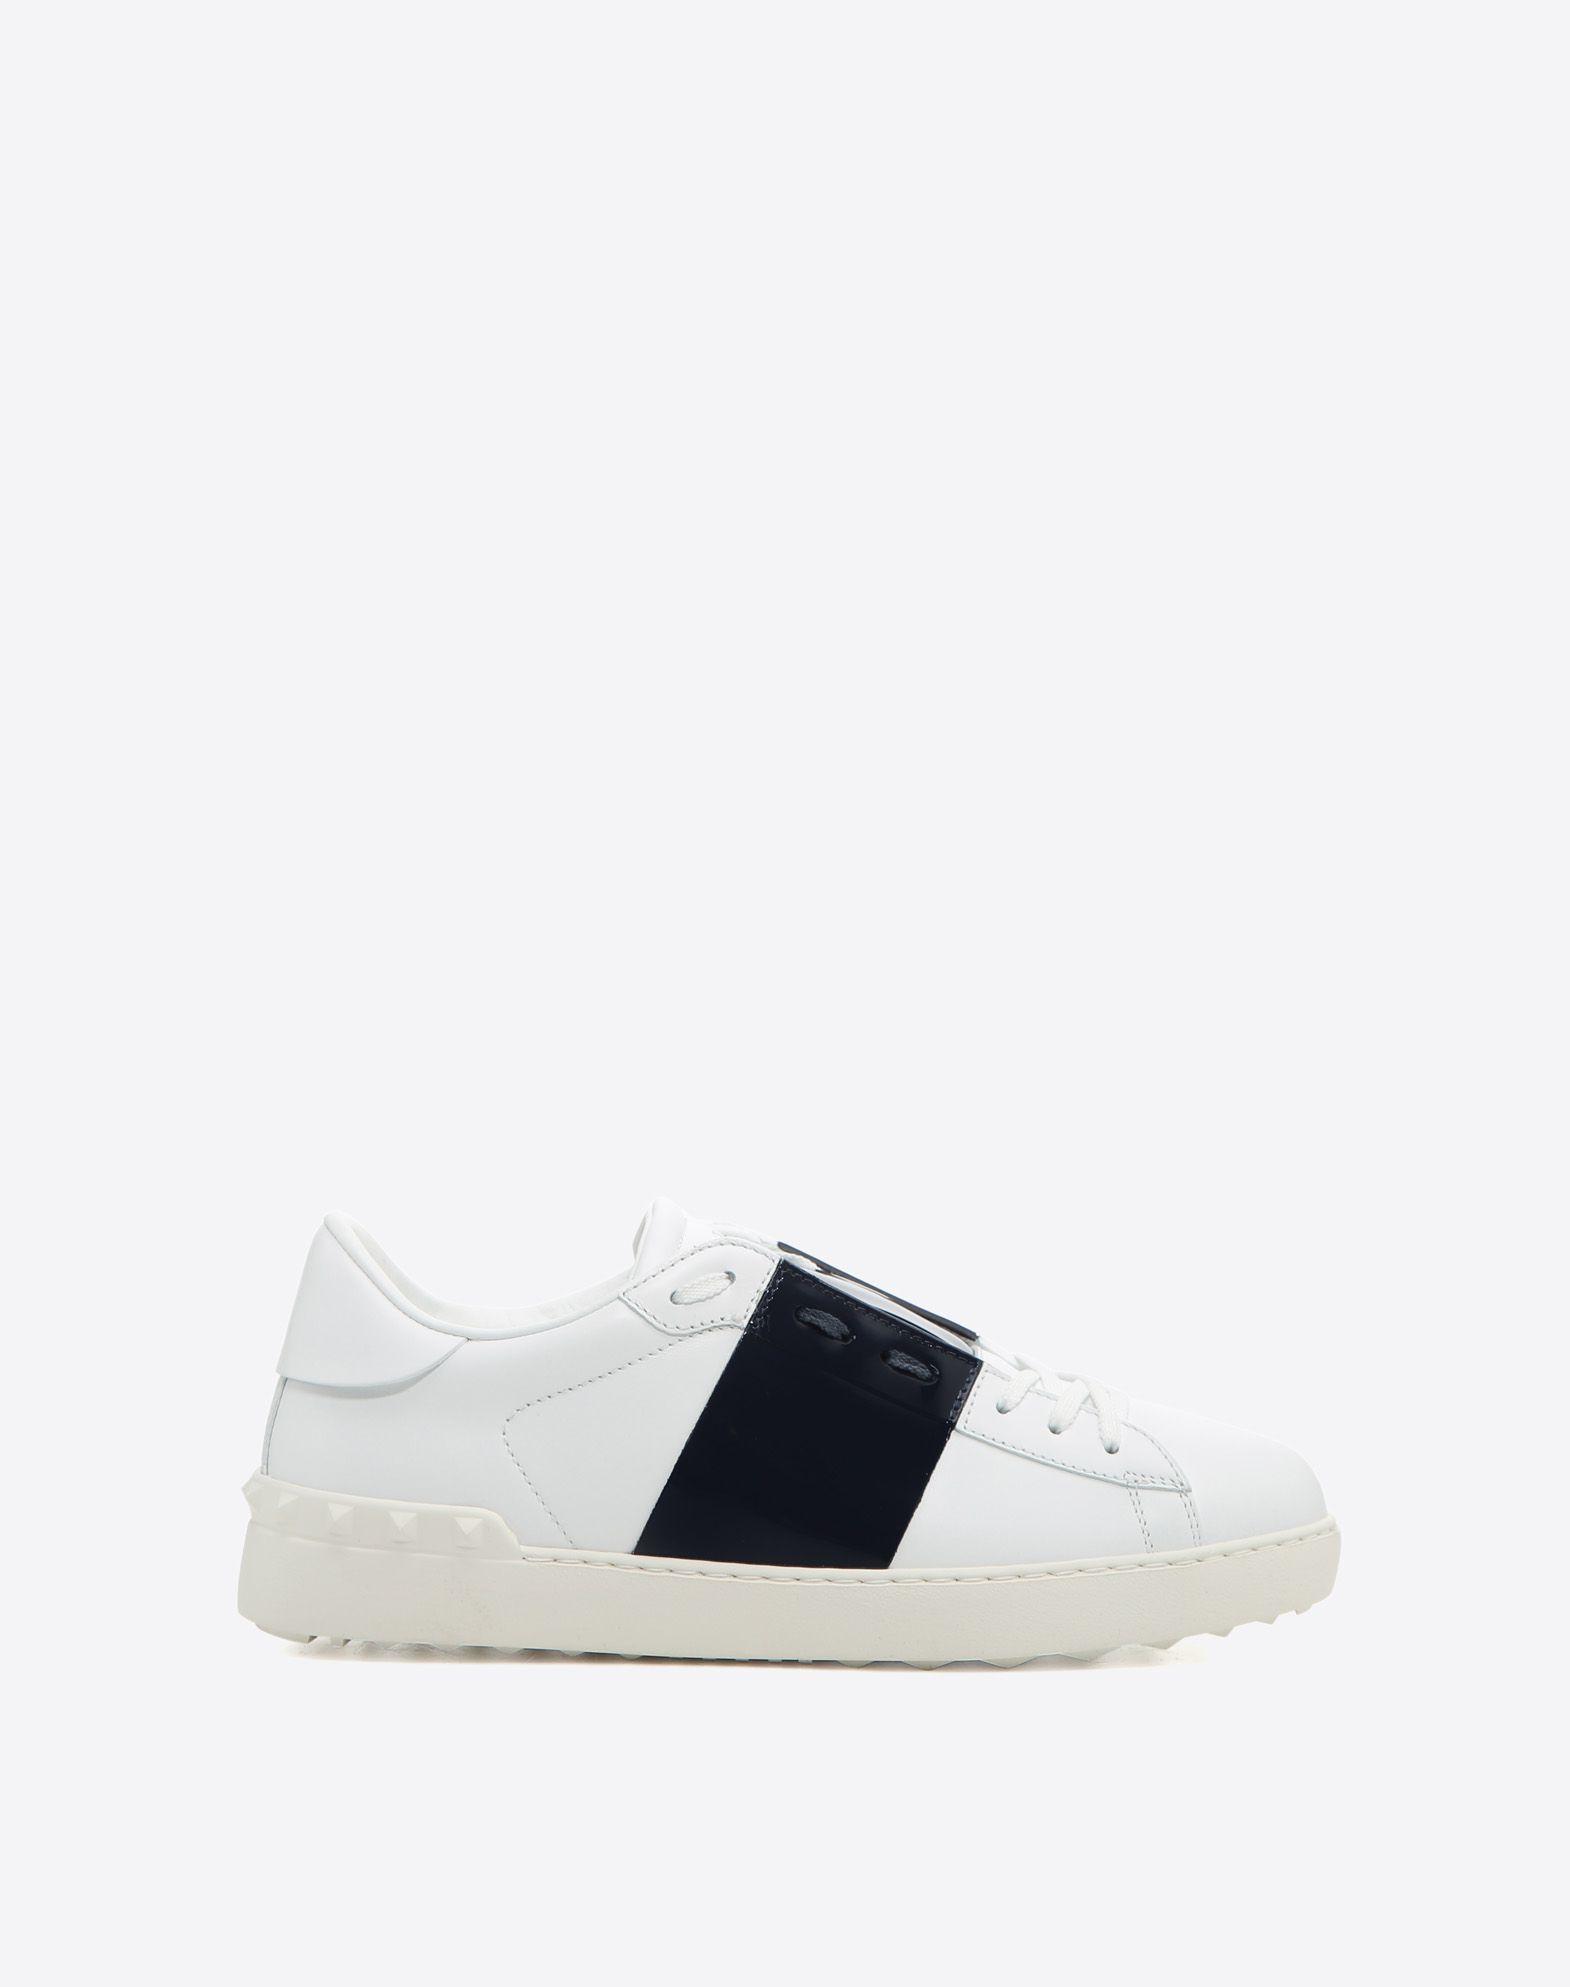 FOOTWEAR - Low-tops & sneakers Valentino K89L3